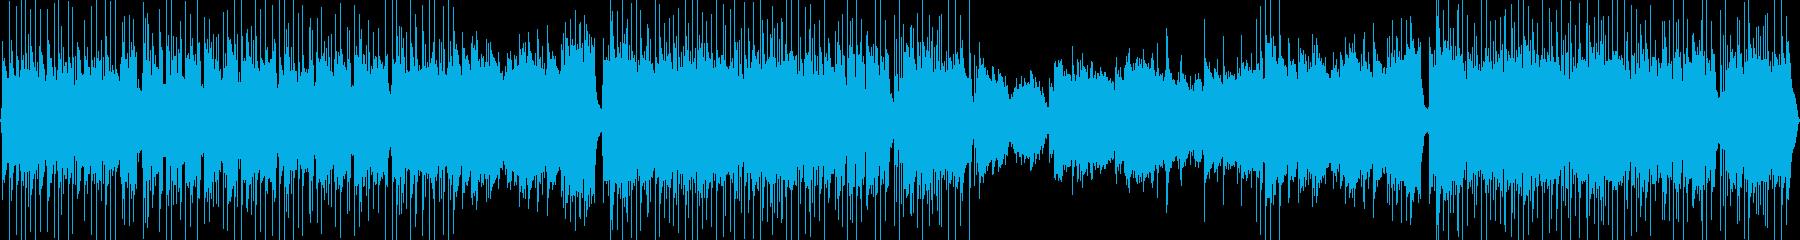 和風でロックテイストの登場、紹介BGMの再生済みの波形